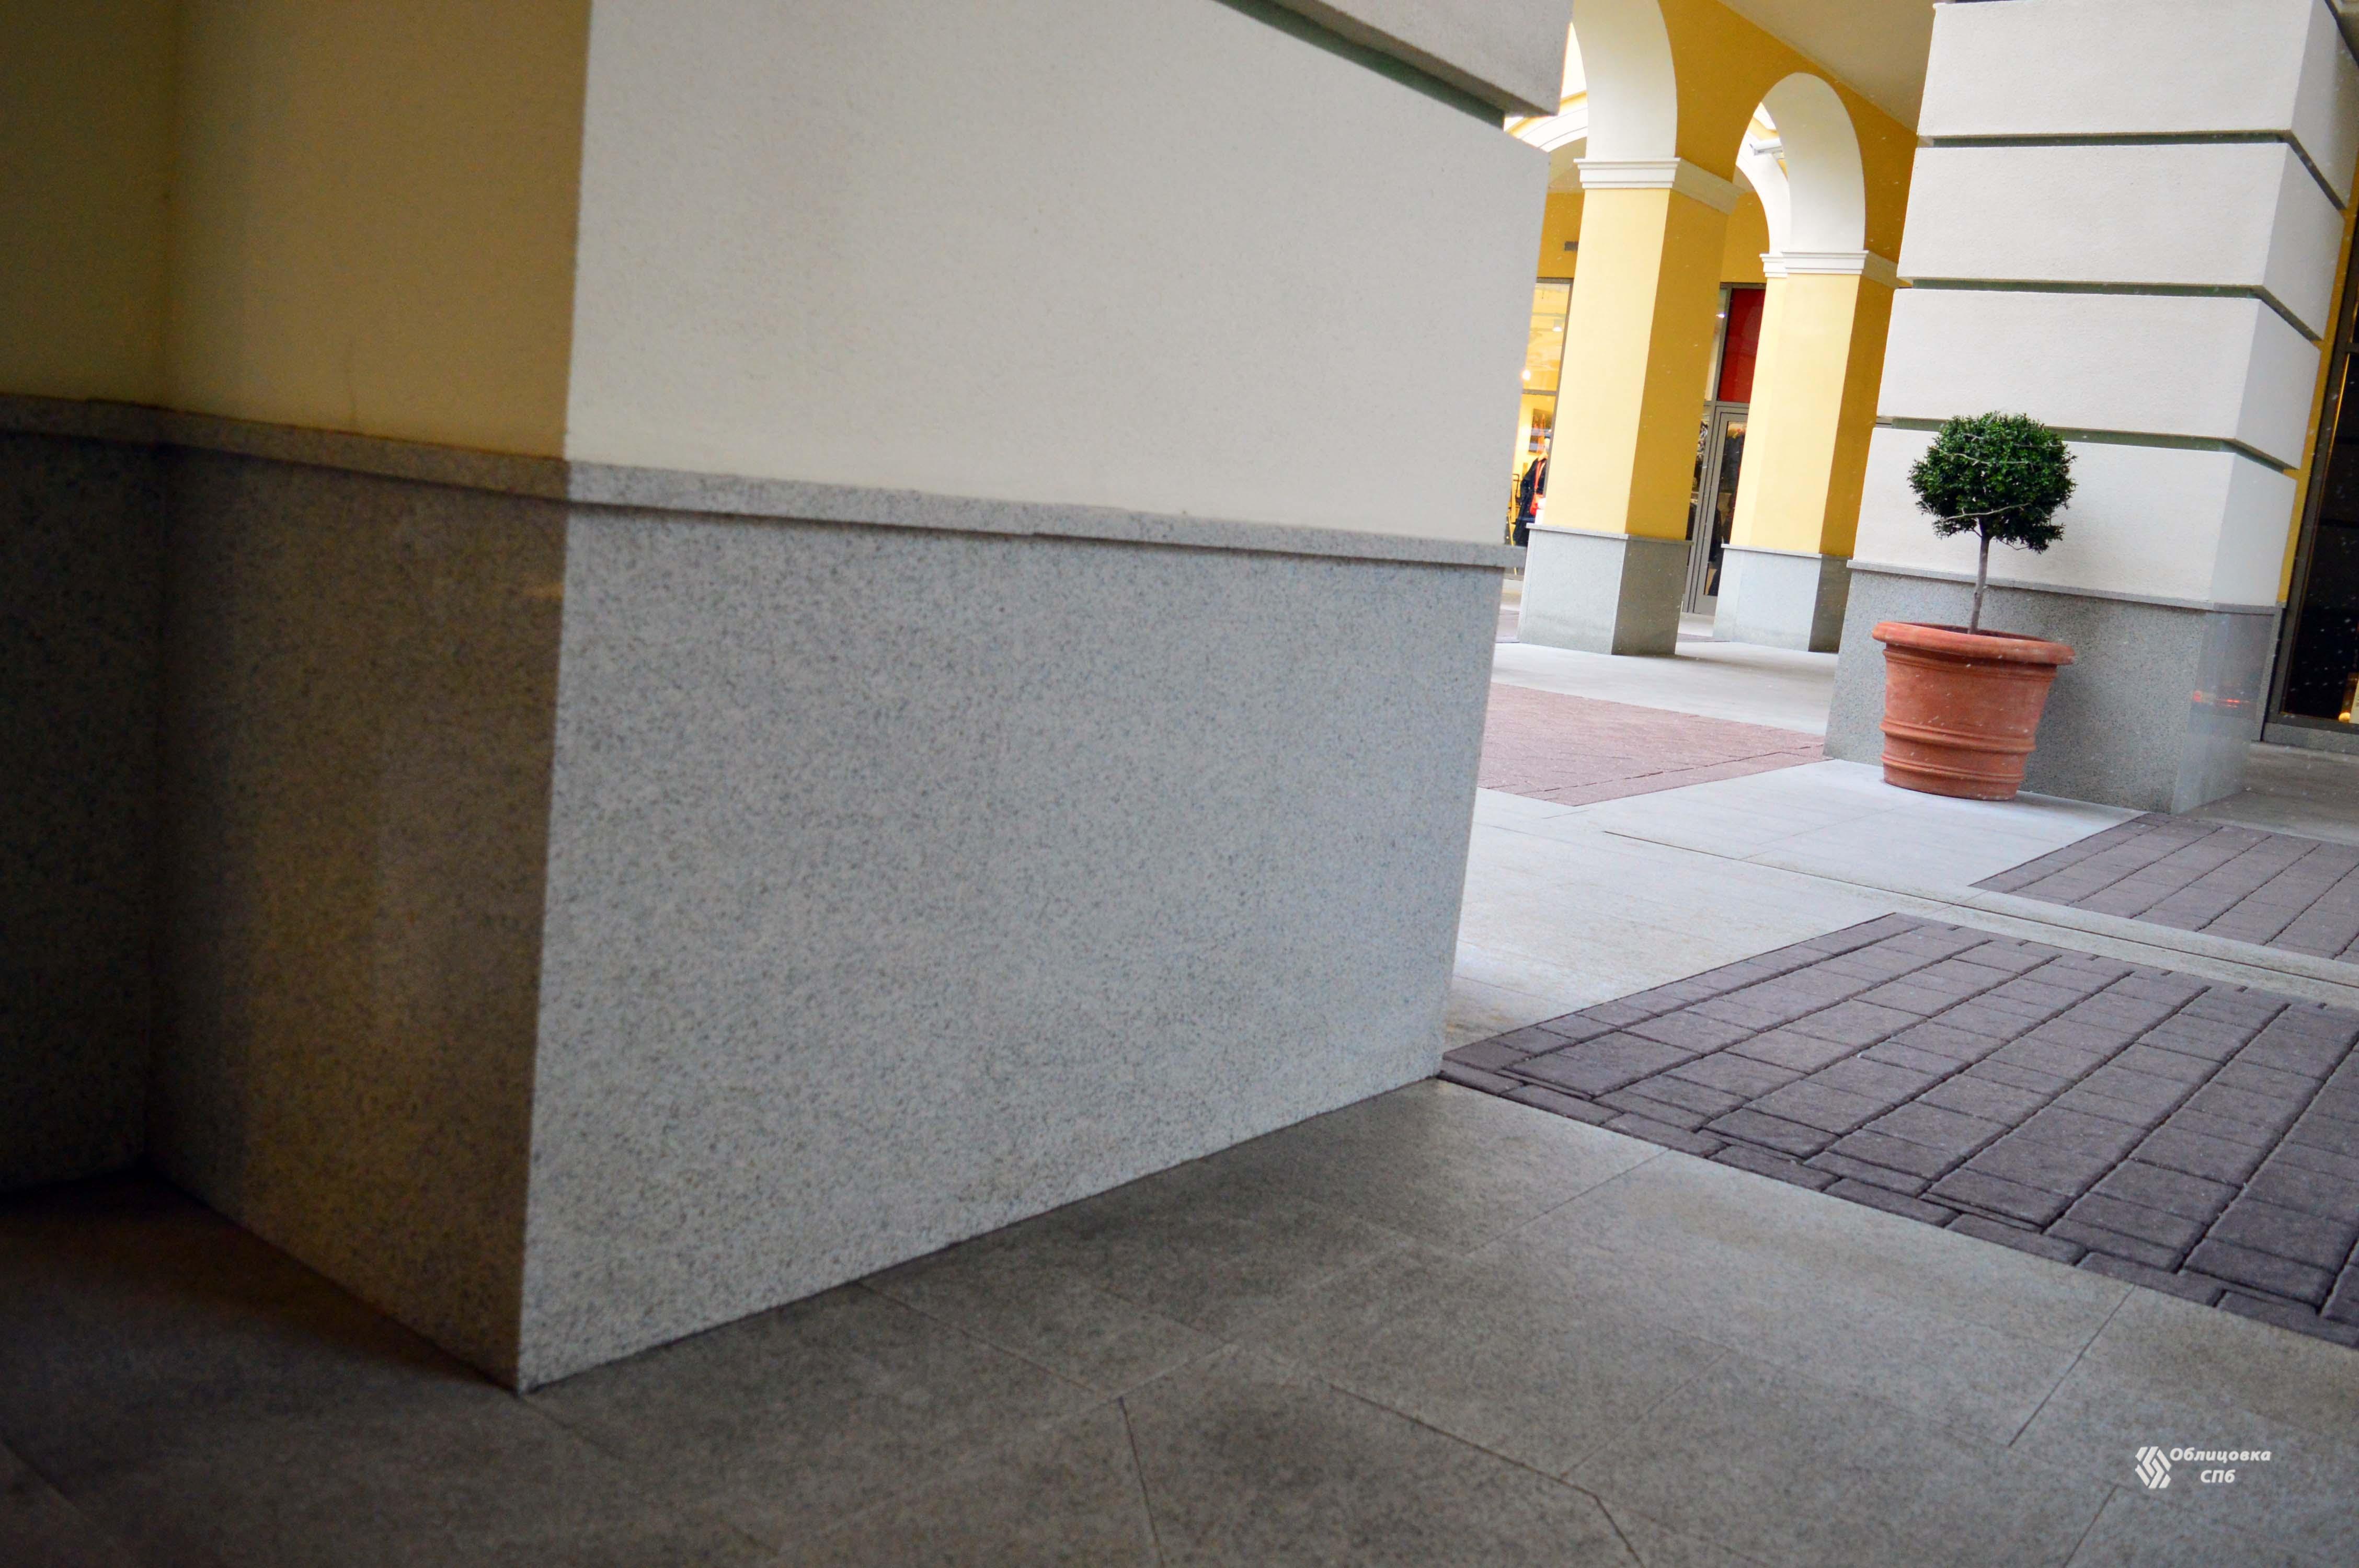 Облицовка колон и цоколя  полированным гранитом серого цвета